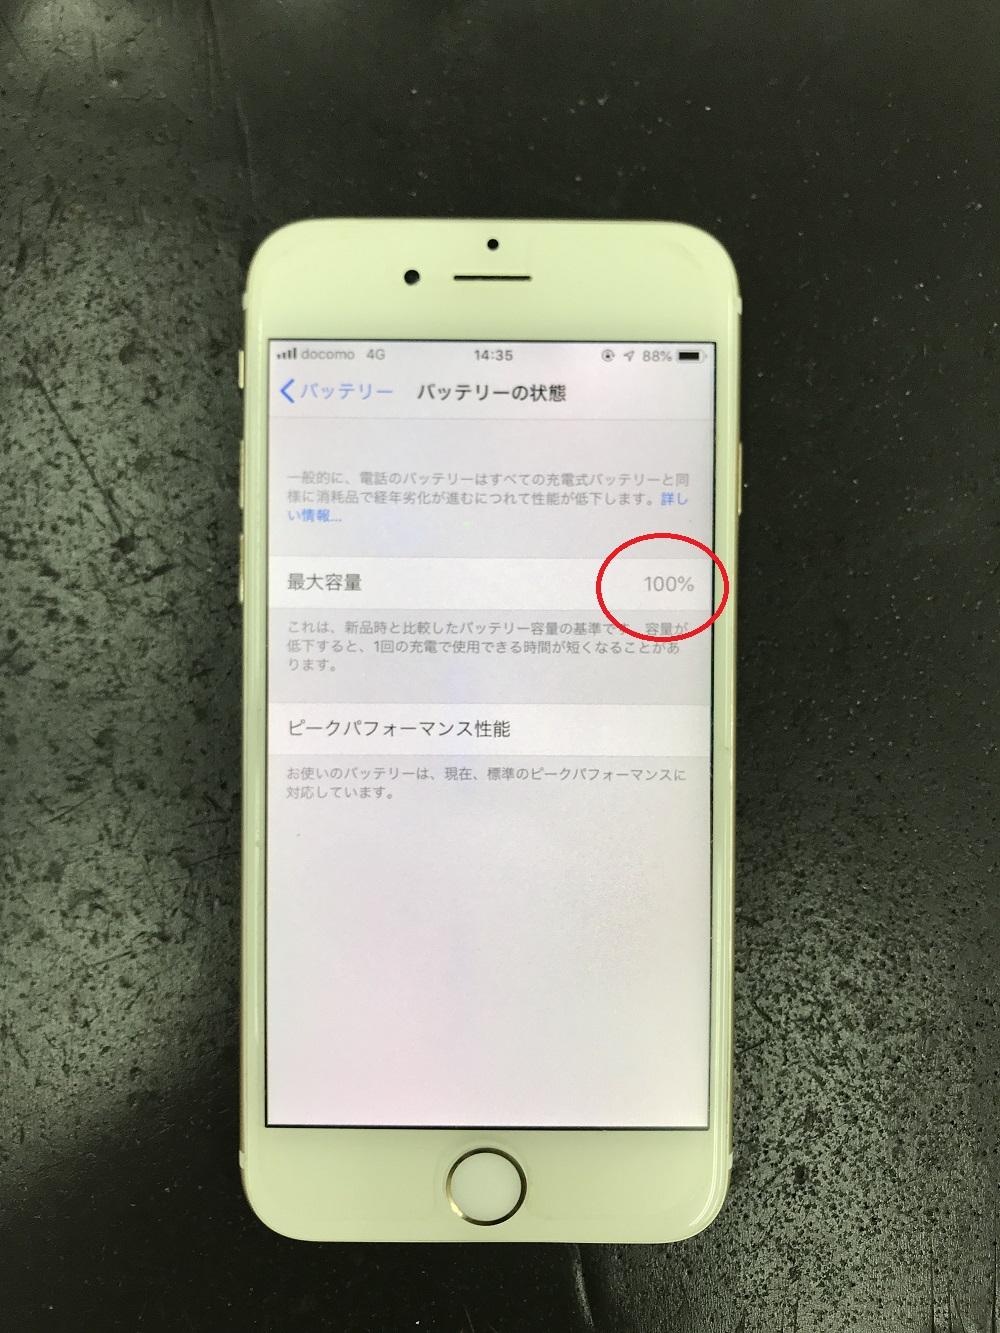 アイフォン6膨張バッテリー交換前 写真2